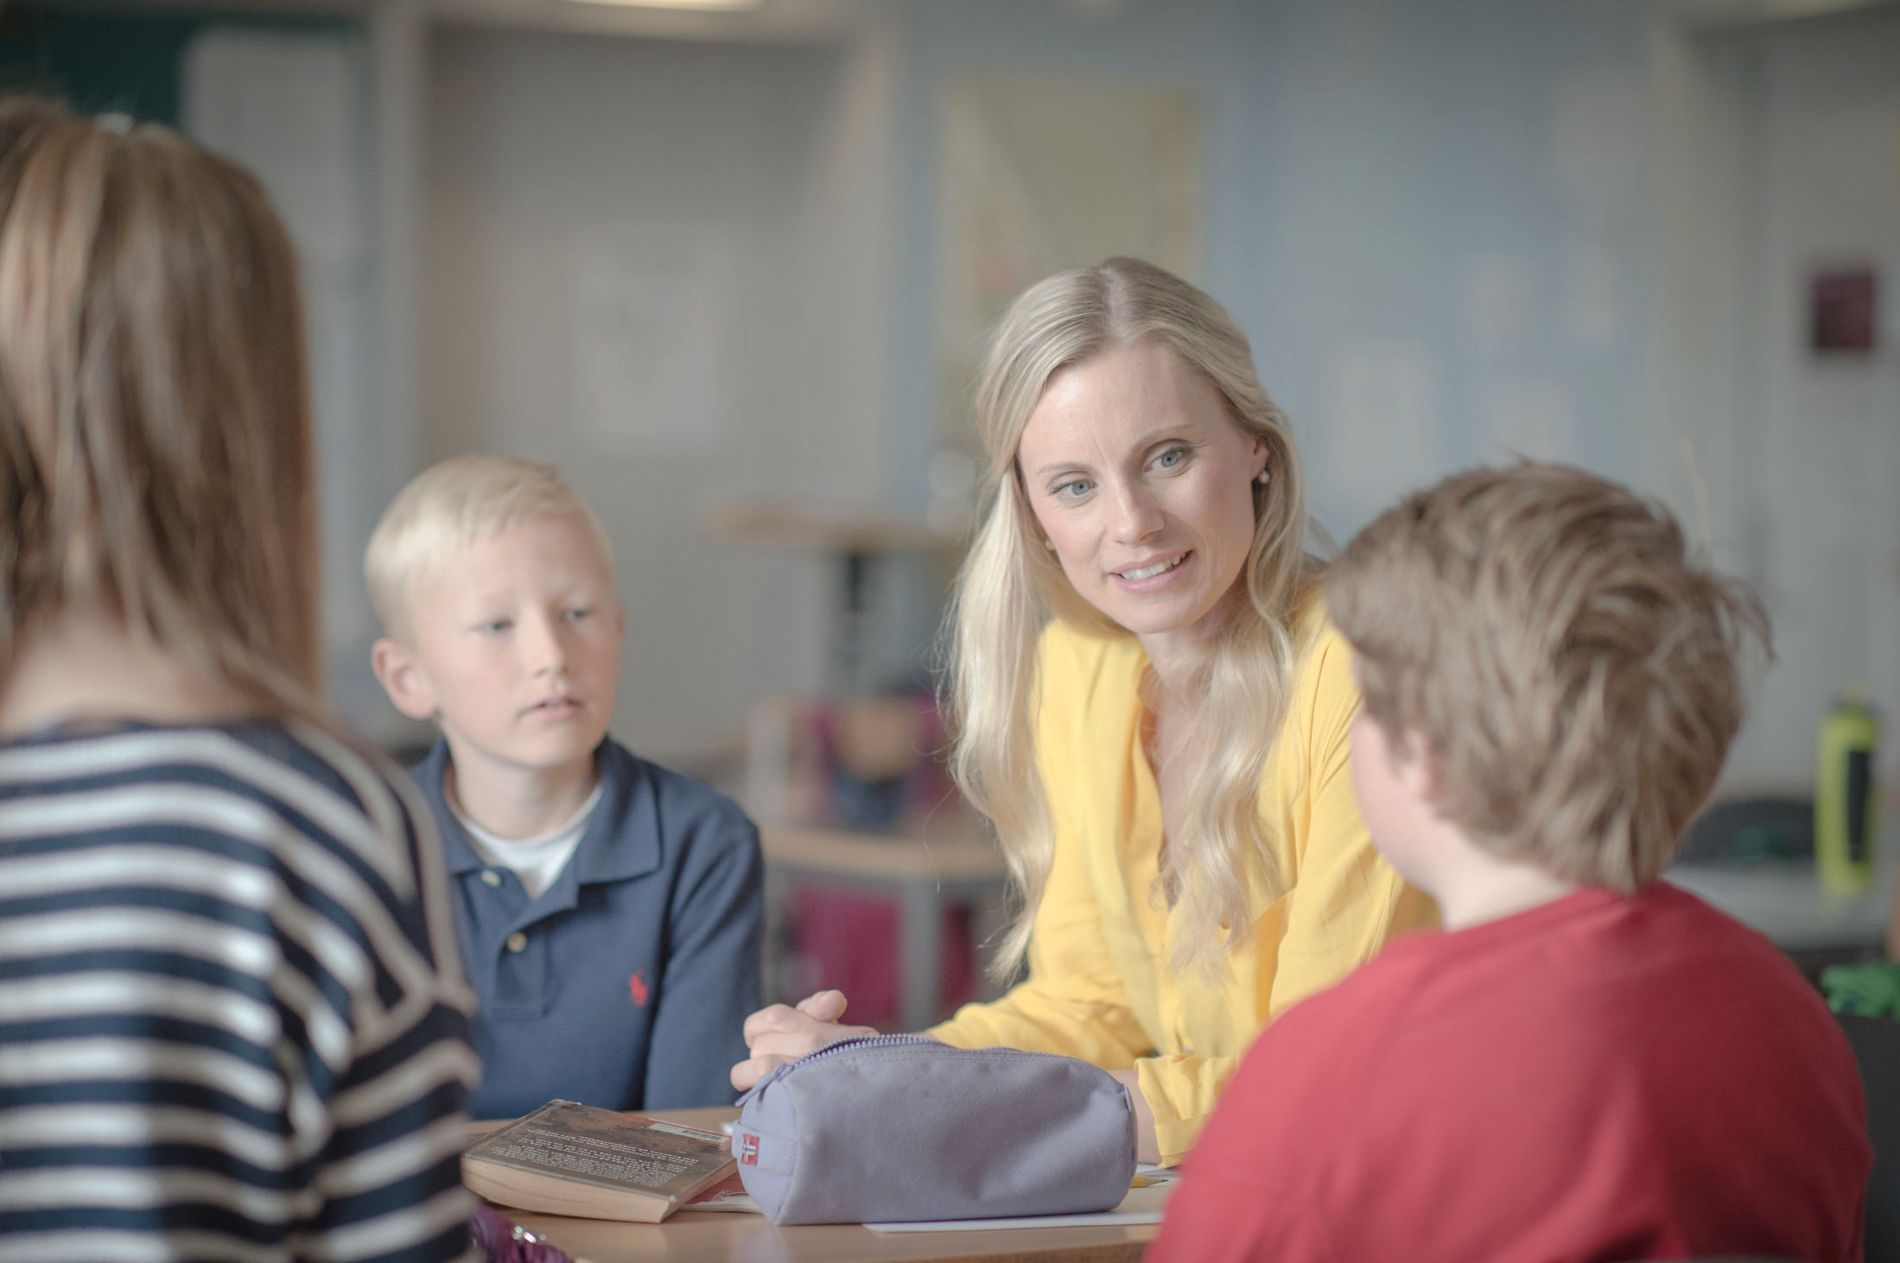 GJØR BARNA OPPMERKSOMME: Forbrukerøkonom Silje Sandmæl er opptatt av at barn tidlig skal lære om privatøkonomi. Her fra klasseromsundervisning i privatøkonomi som hun har hatt på enkelte barneskoler.